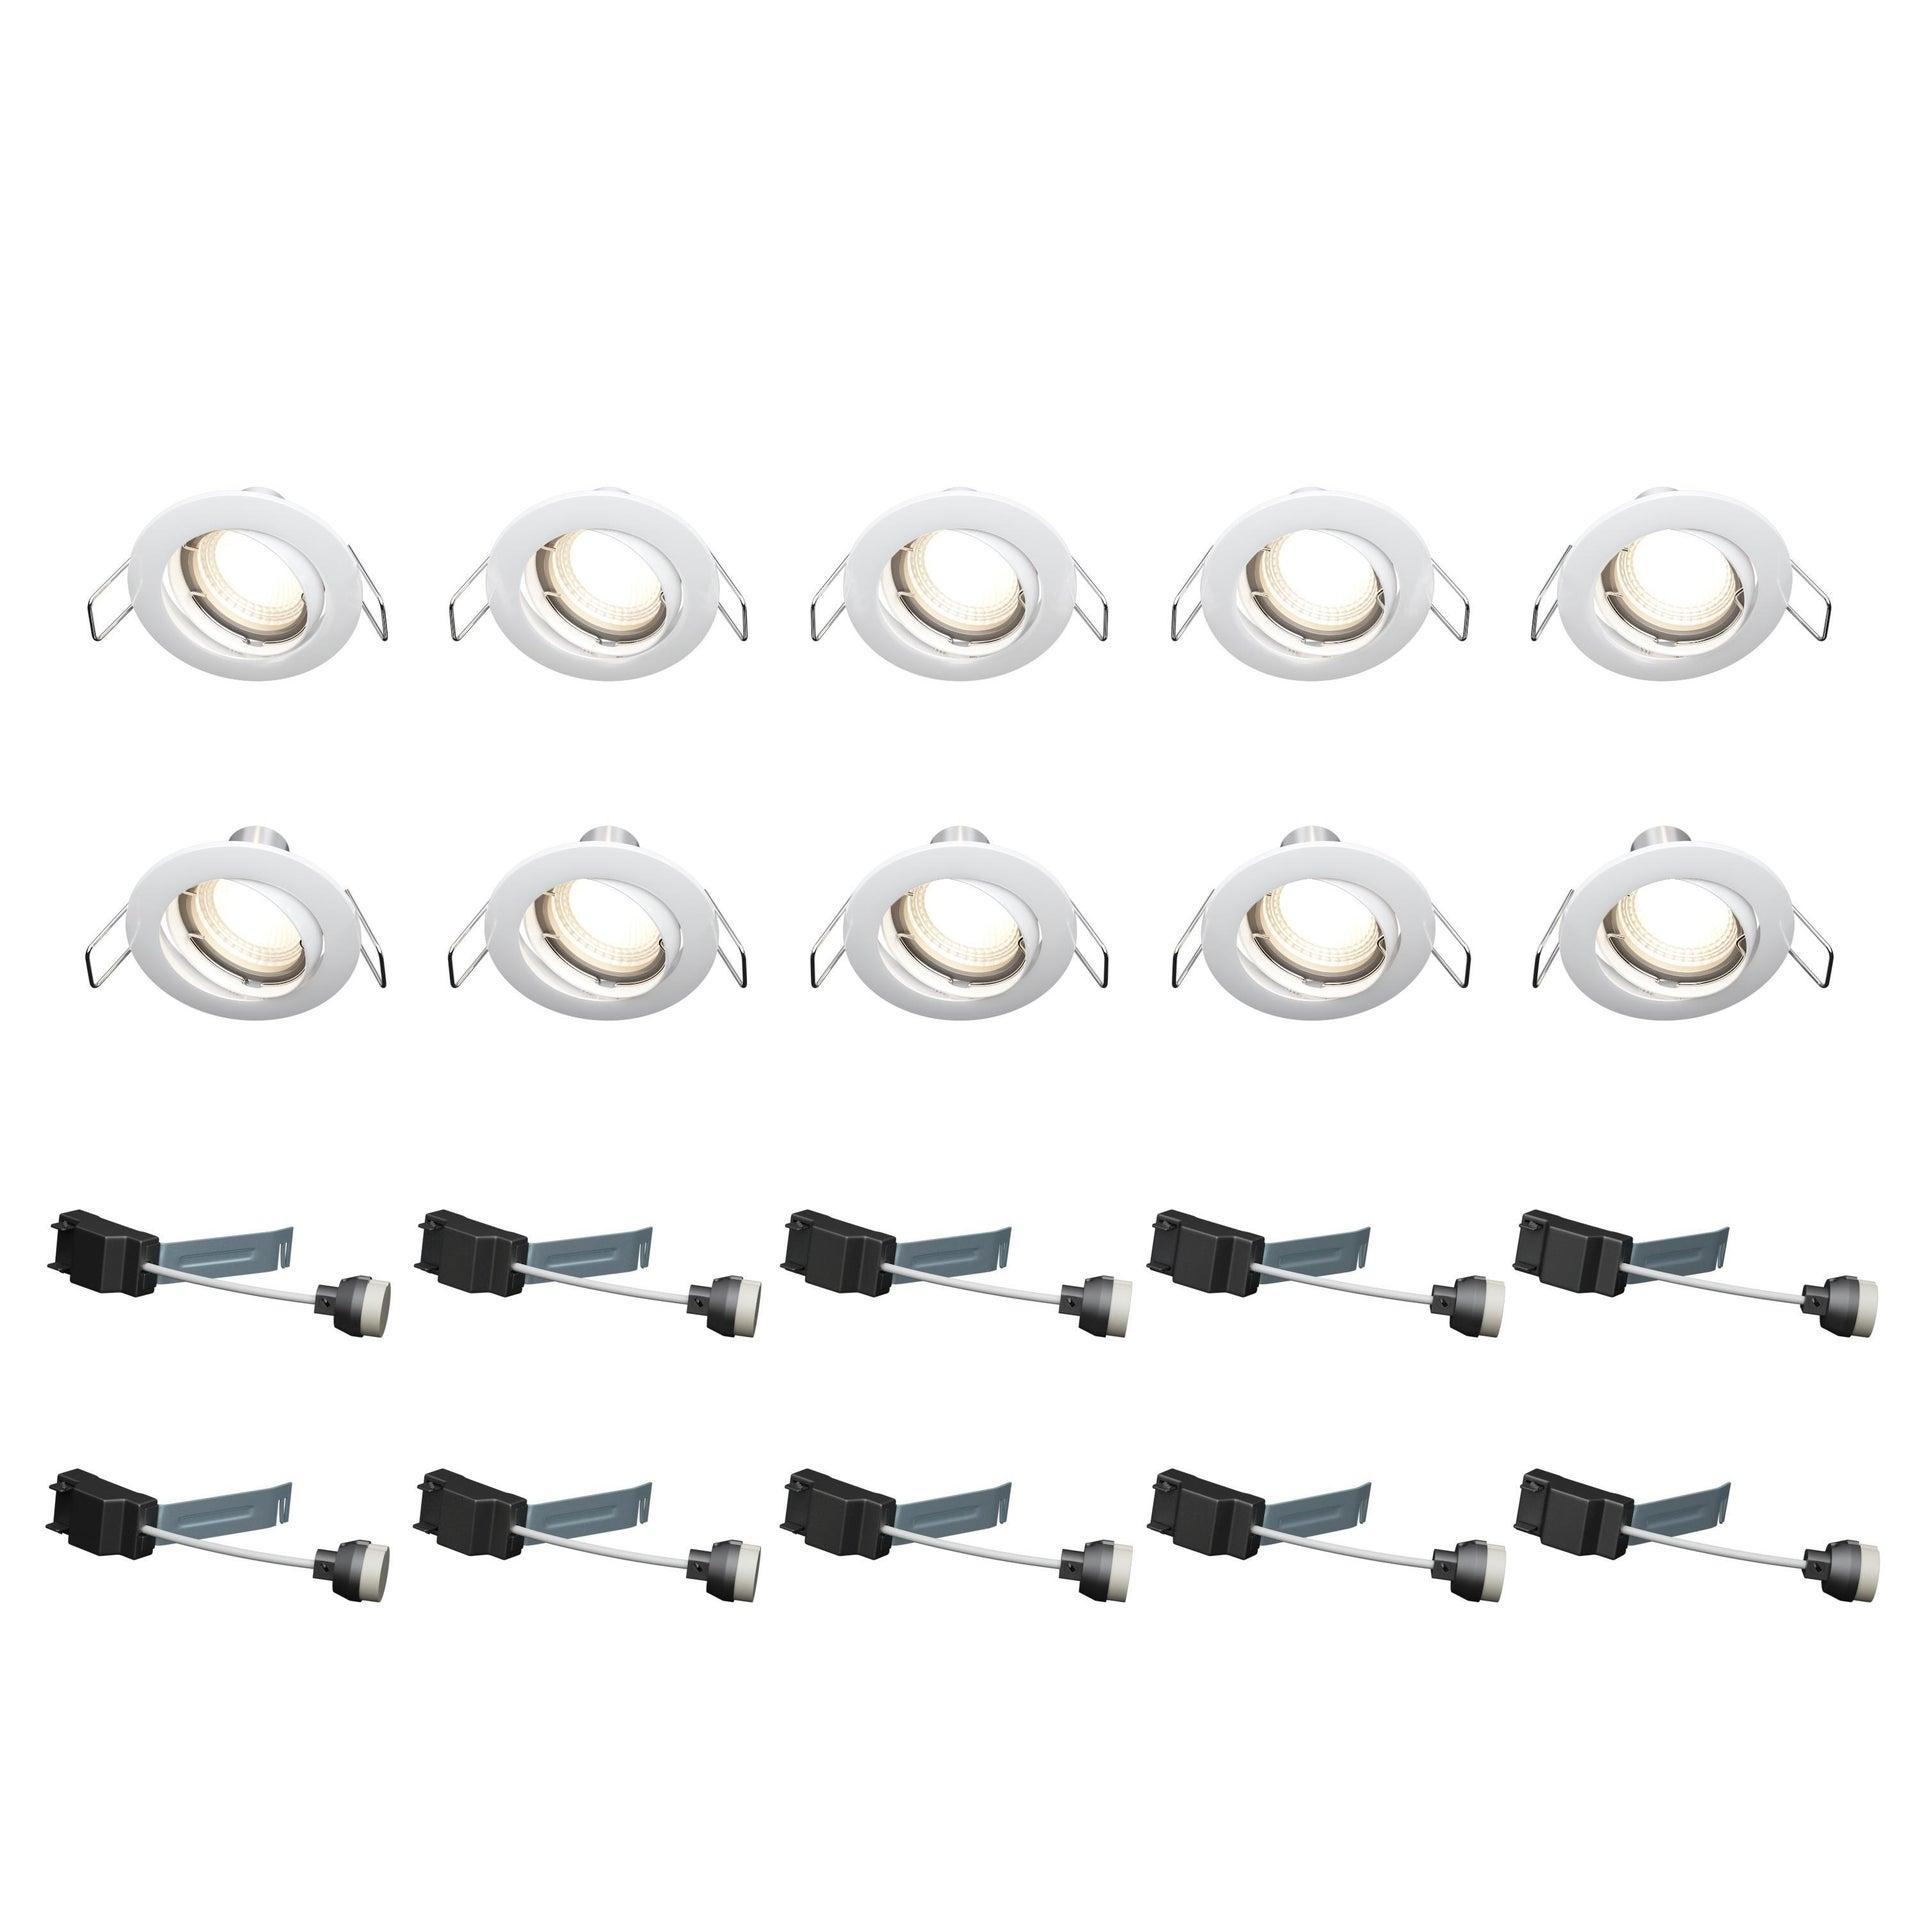 Set da 10 pezzi Faretto orientabile da incasso tondo Clane in Alluminio nichel, diam. 8.2 cm GU10 10x6W IP23 INSPIRE - 6